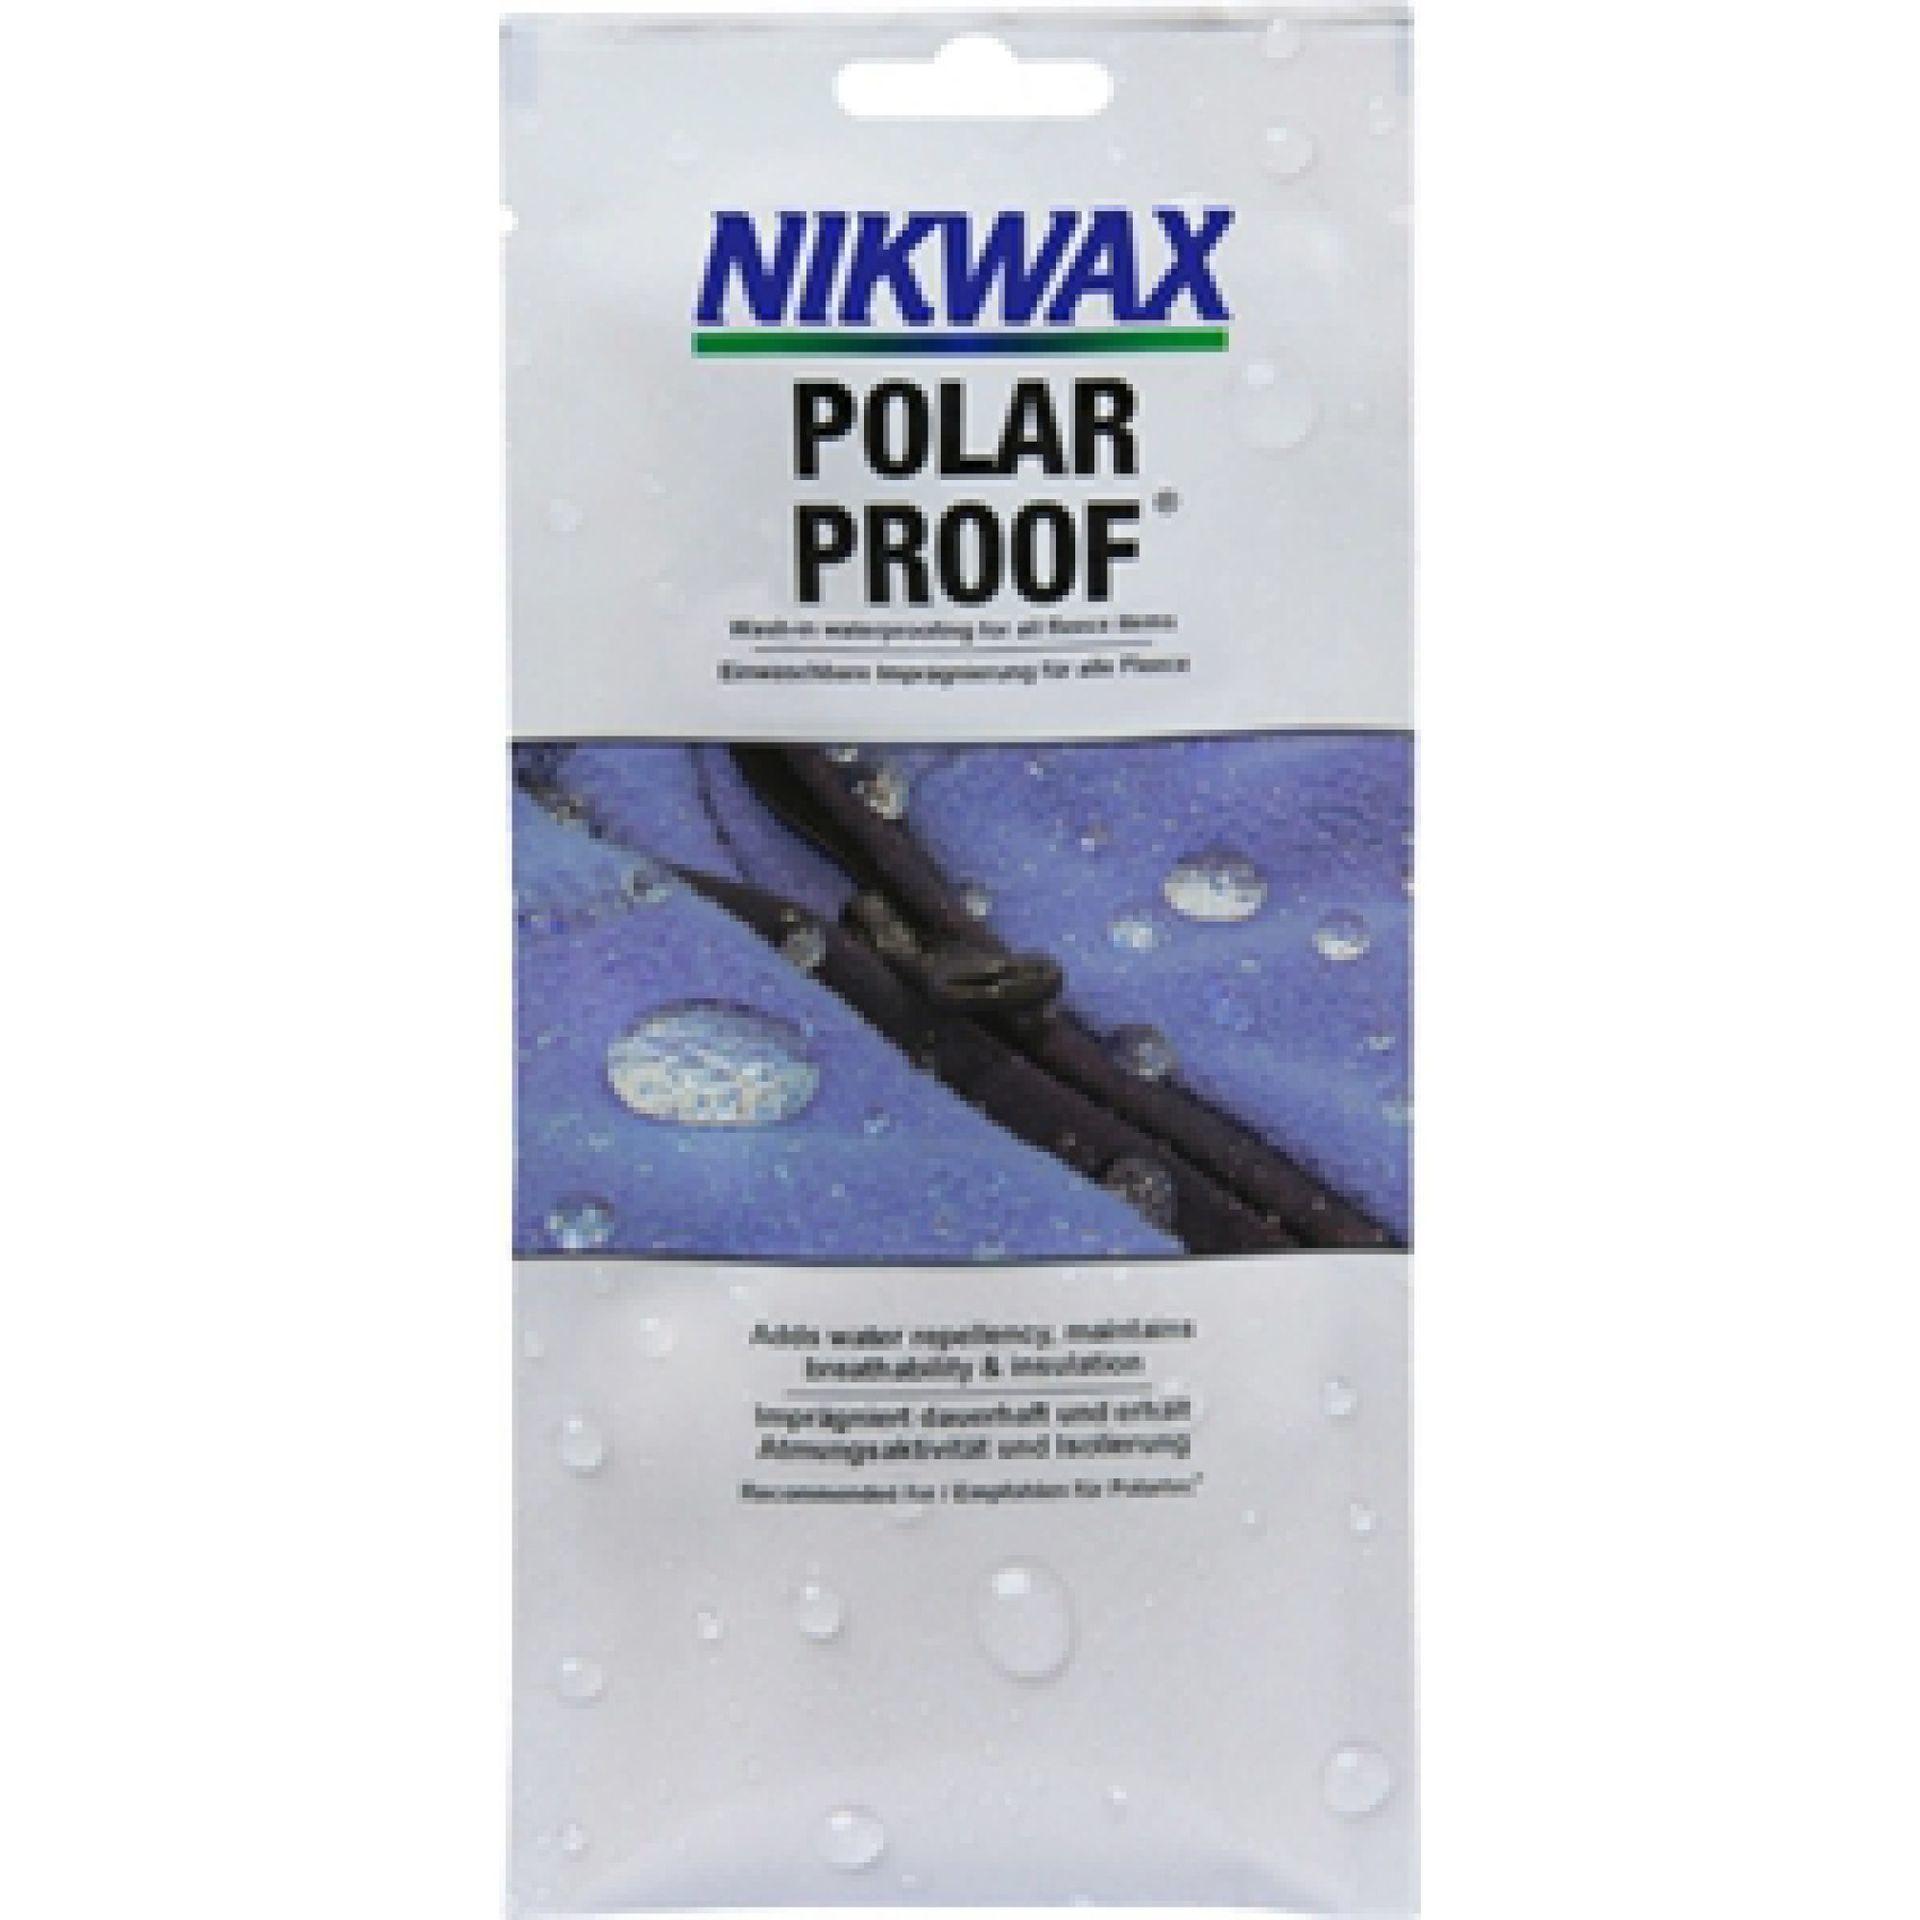 IMPREGNAT NIKWAX POLAR PROOF 1